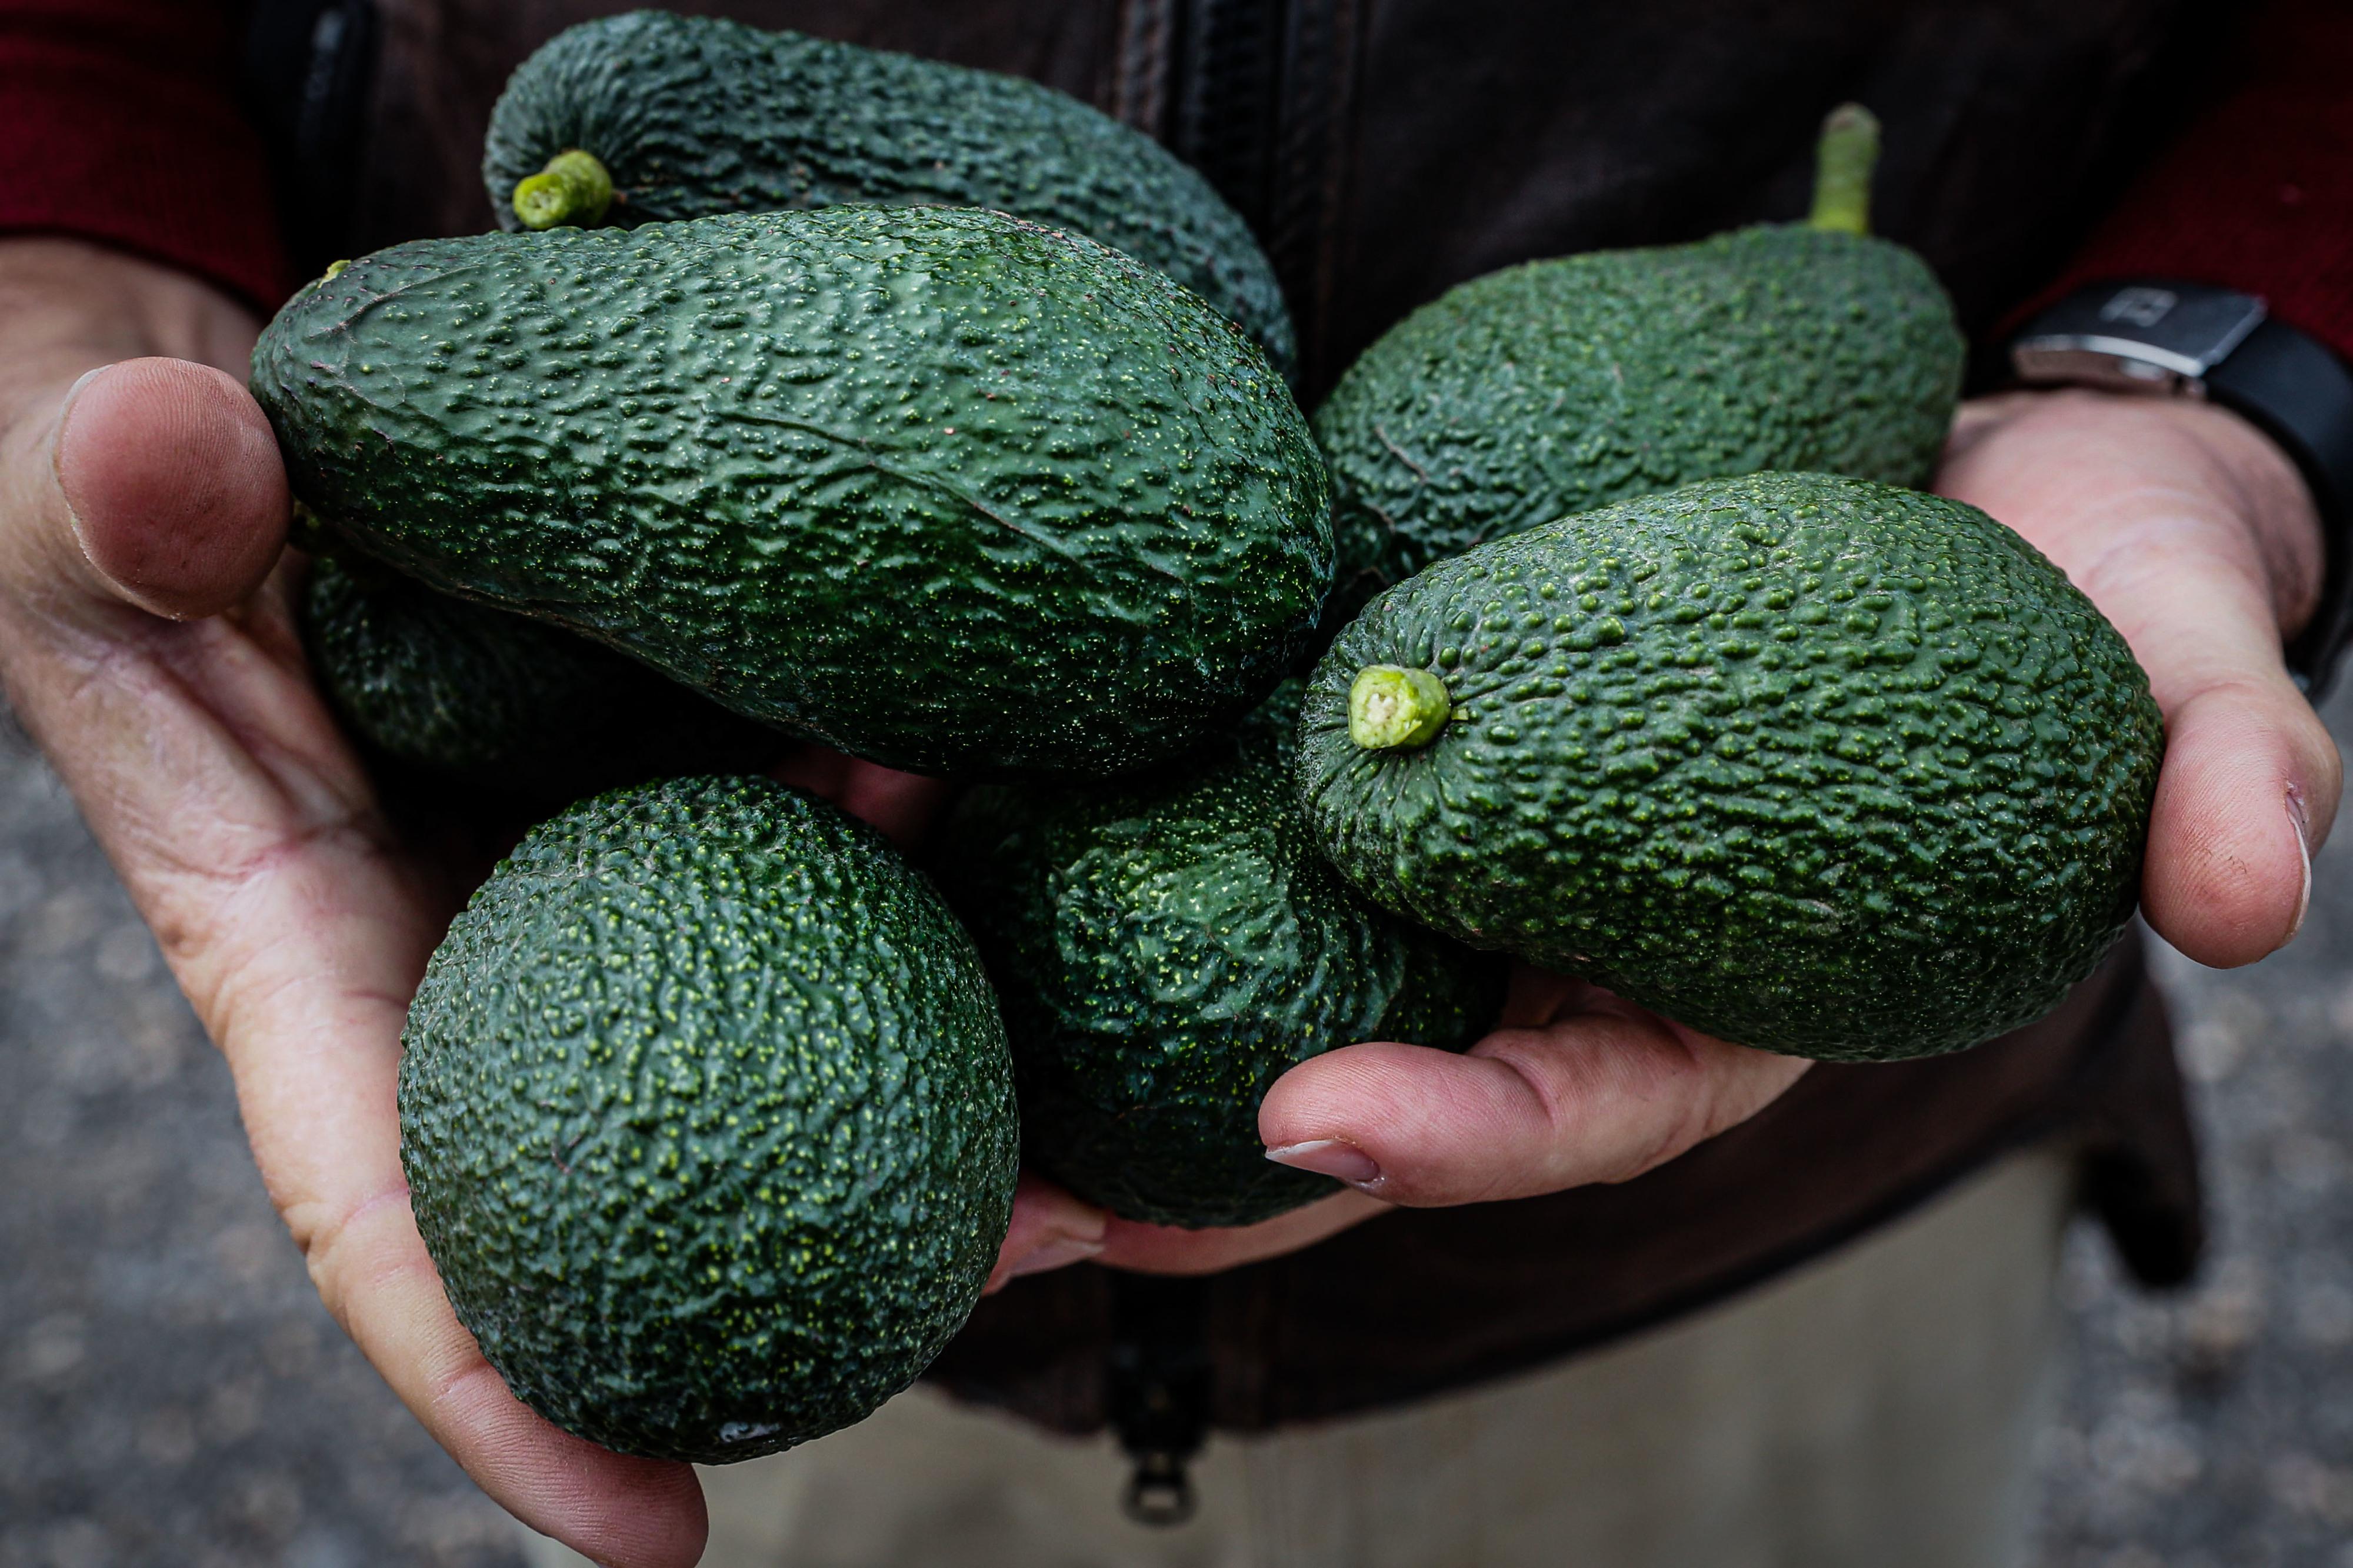 """O mercado """"começou a pedir abacate"""" e o Algarve respondeu. Microclima e aumento da procura fazem produção disparar na região"""